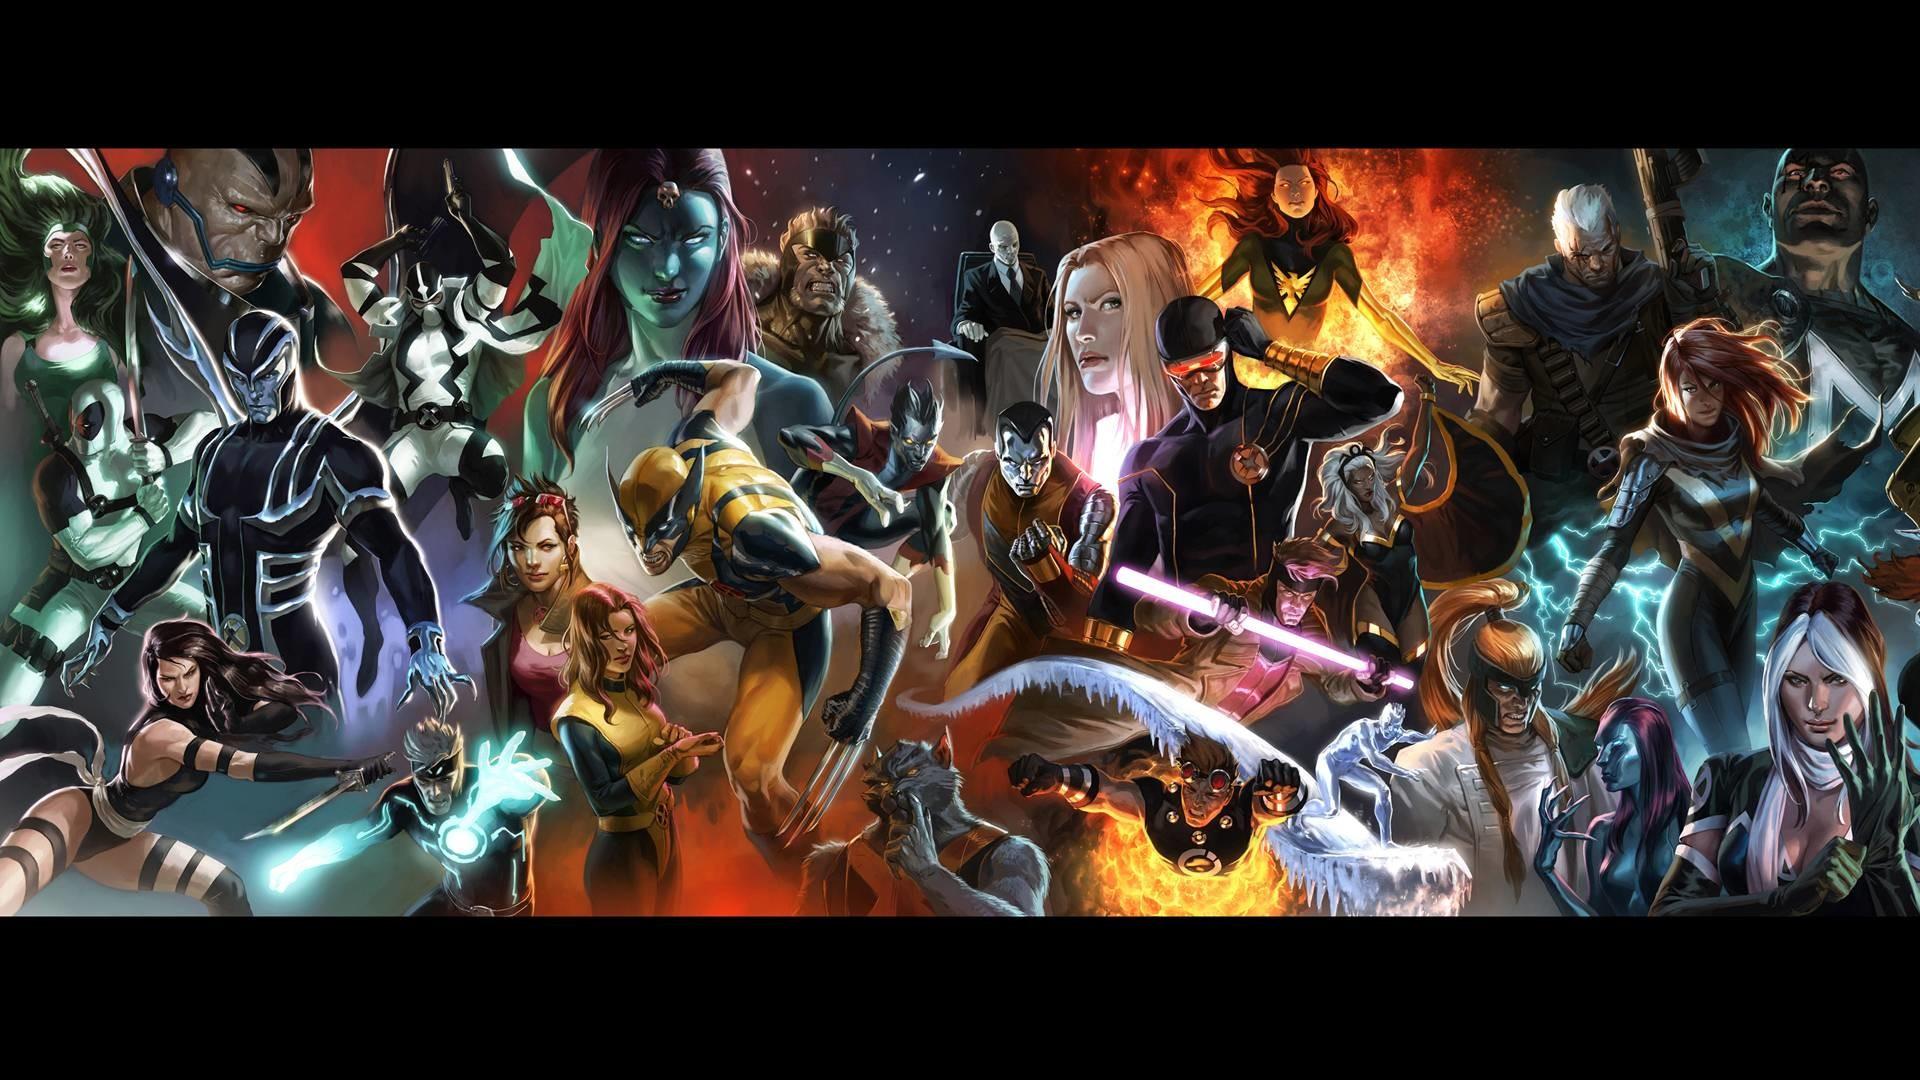 Marvel Computer Wallpapers, Desktop Backgrounds Id: 283338